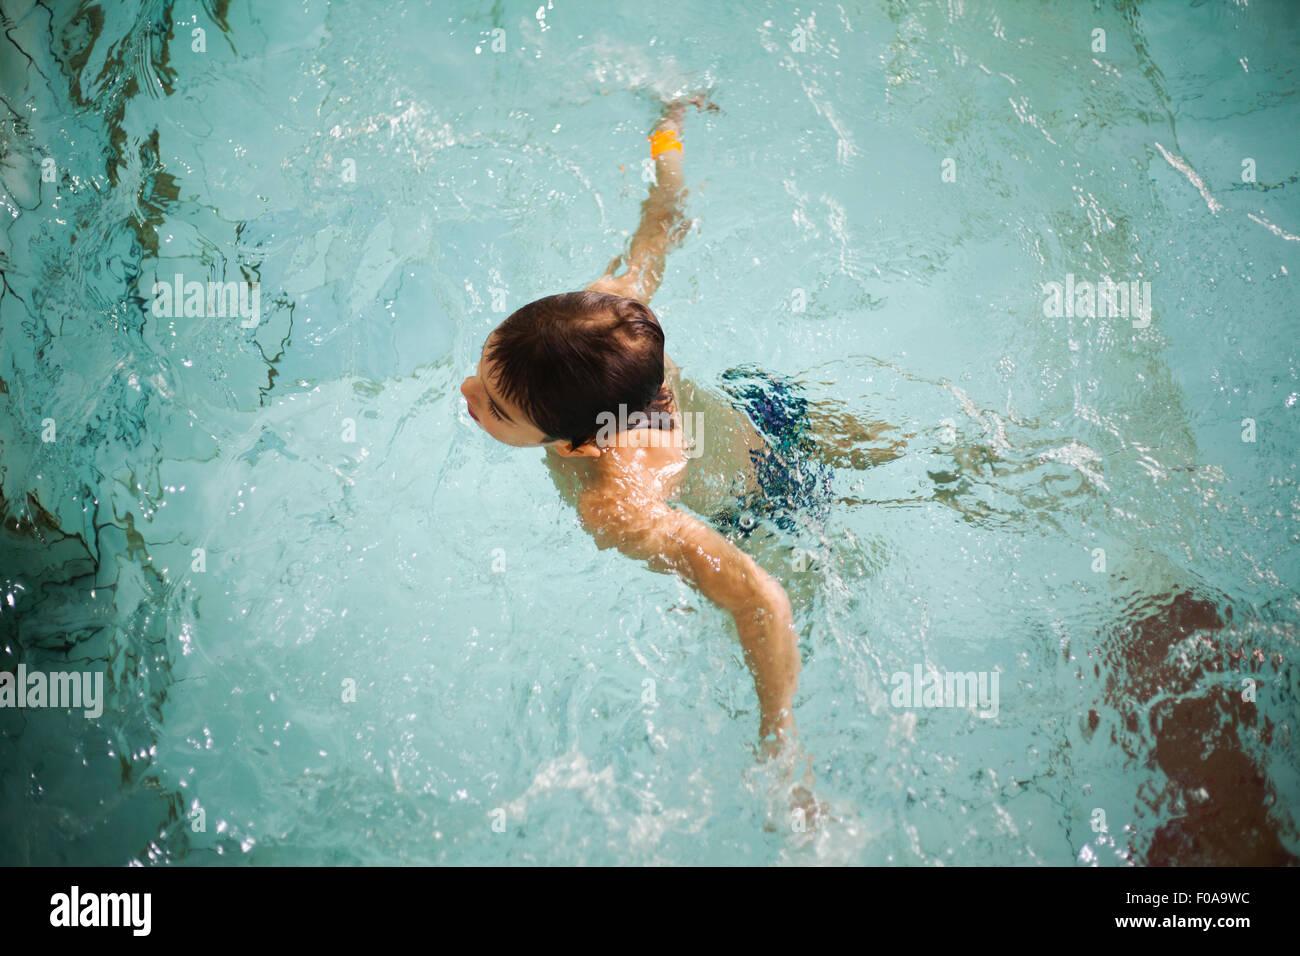 Un alto ángulo de visualización de boy tratar el agua en la piscina Imagen De Stock